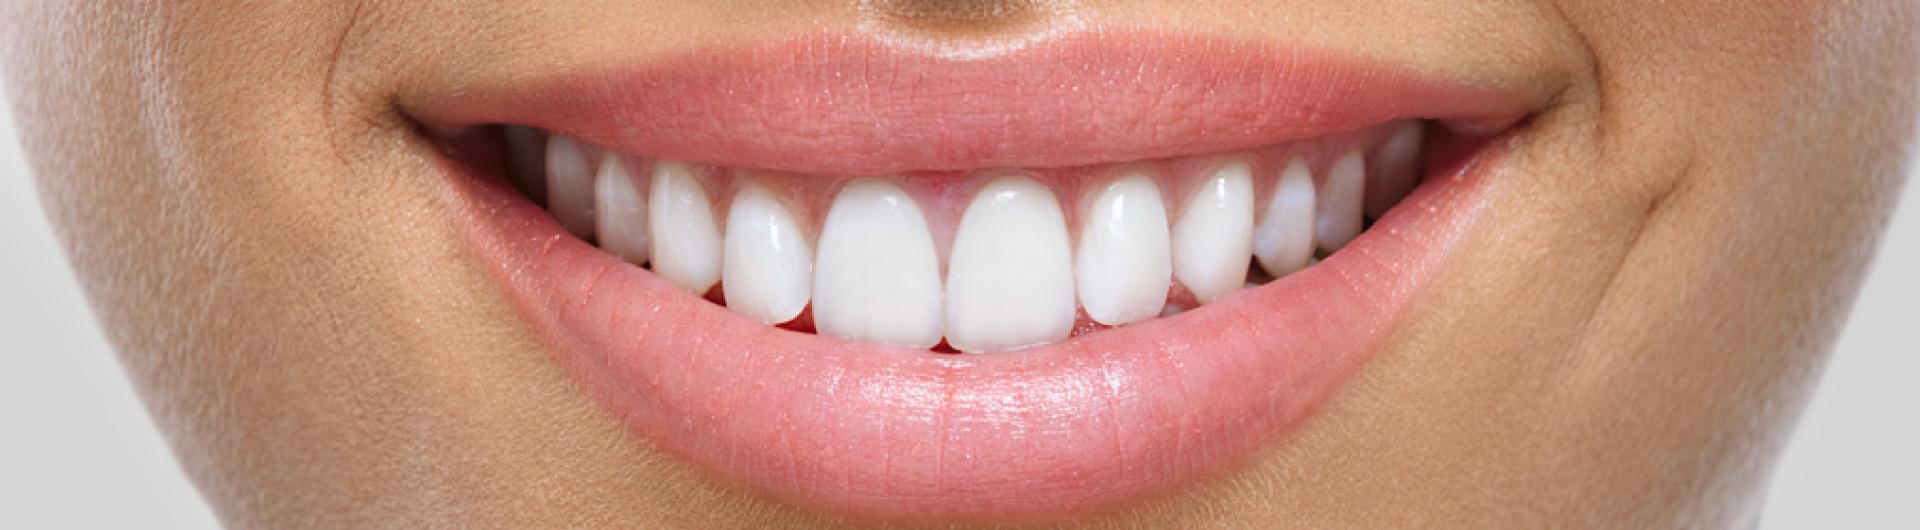 Diplomado de Oclusión Dentaria en la Práctica Clínica